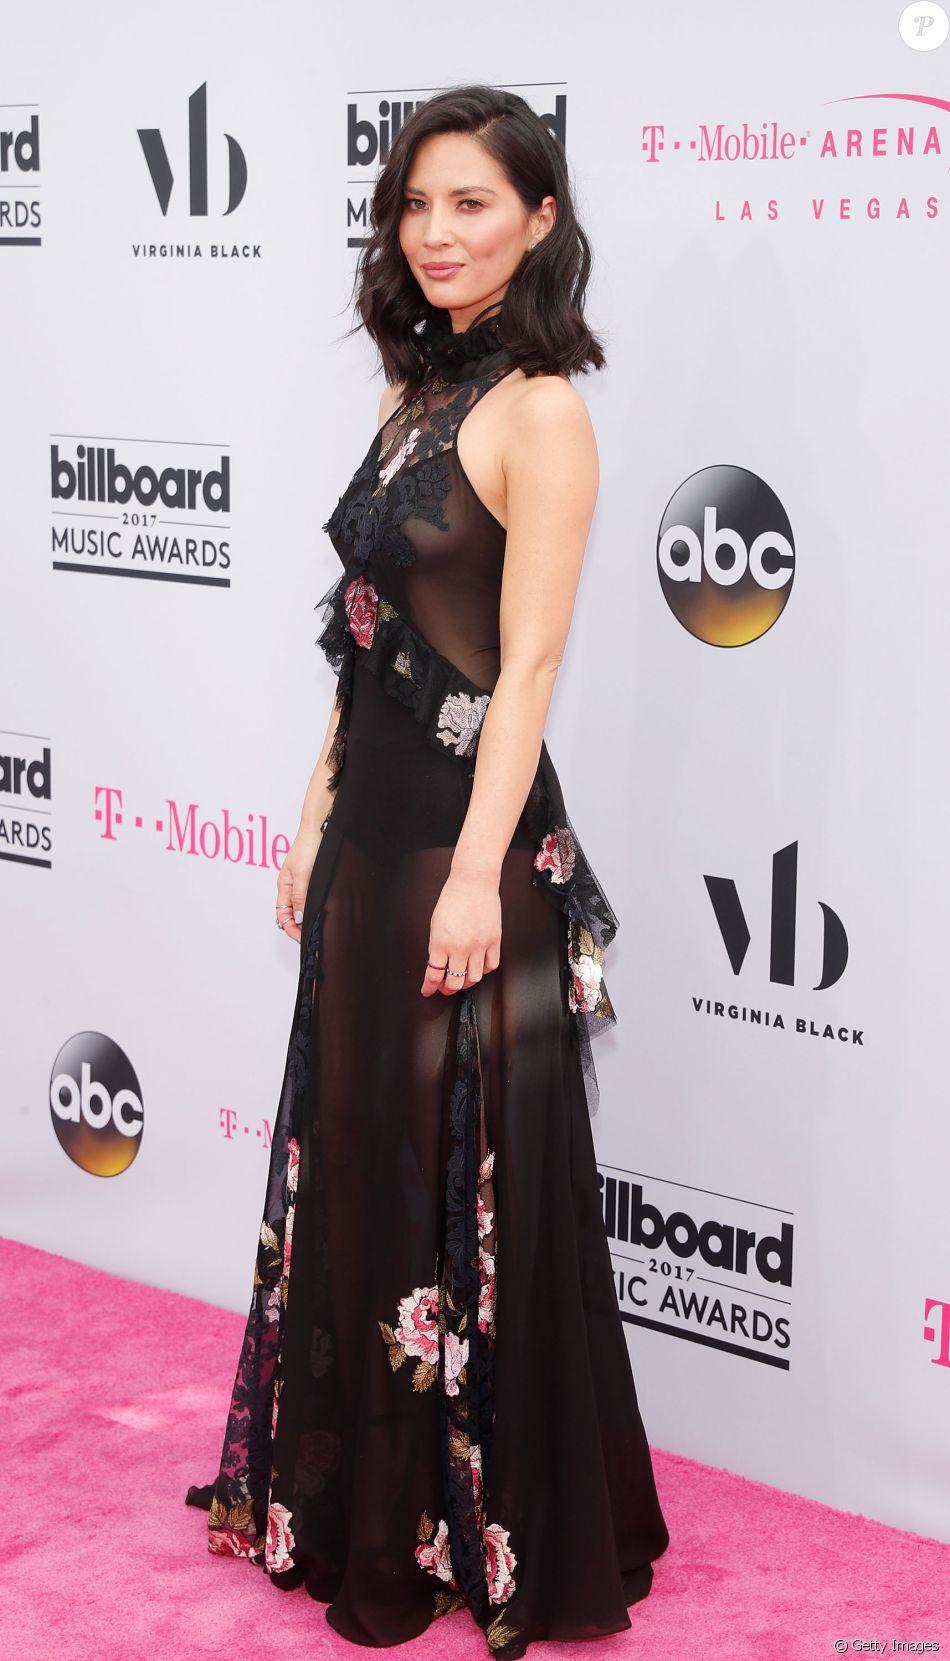 Olivia Munn usou Redemptionna 25ª edição do Billboard Music Awards, realizada no T-Mobile Arena, em Las Vegas, Estados Unidos, neste domingo, 21 de maio de 2017